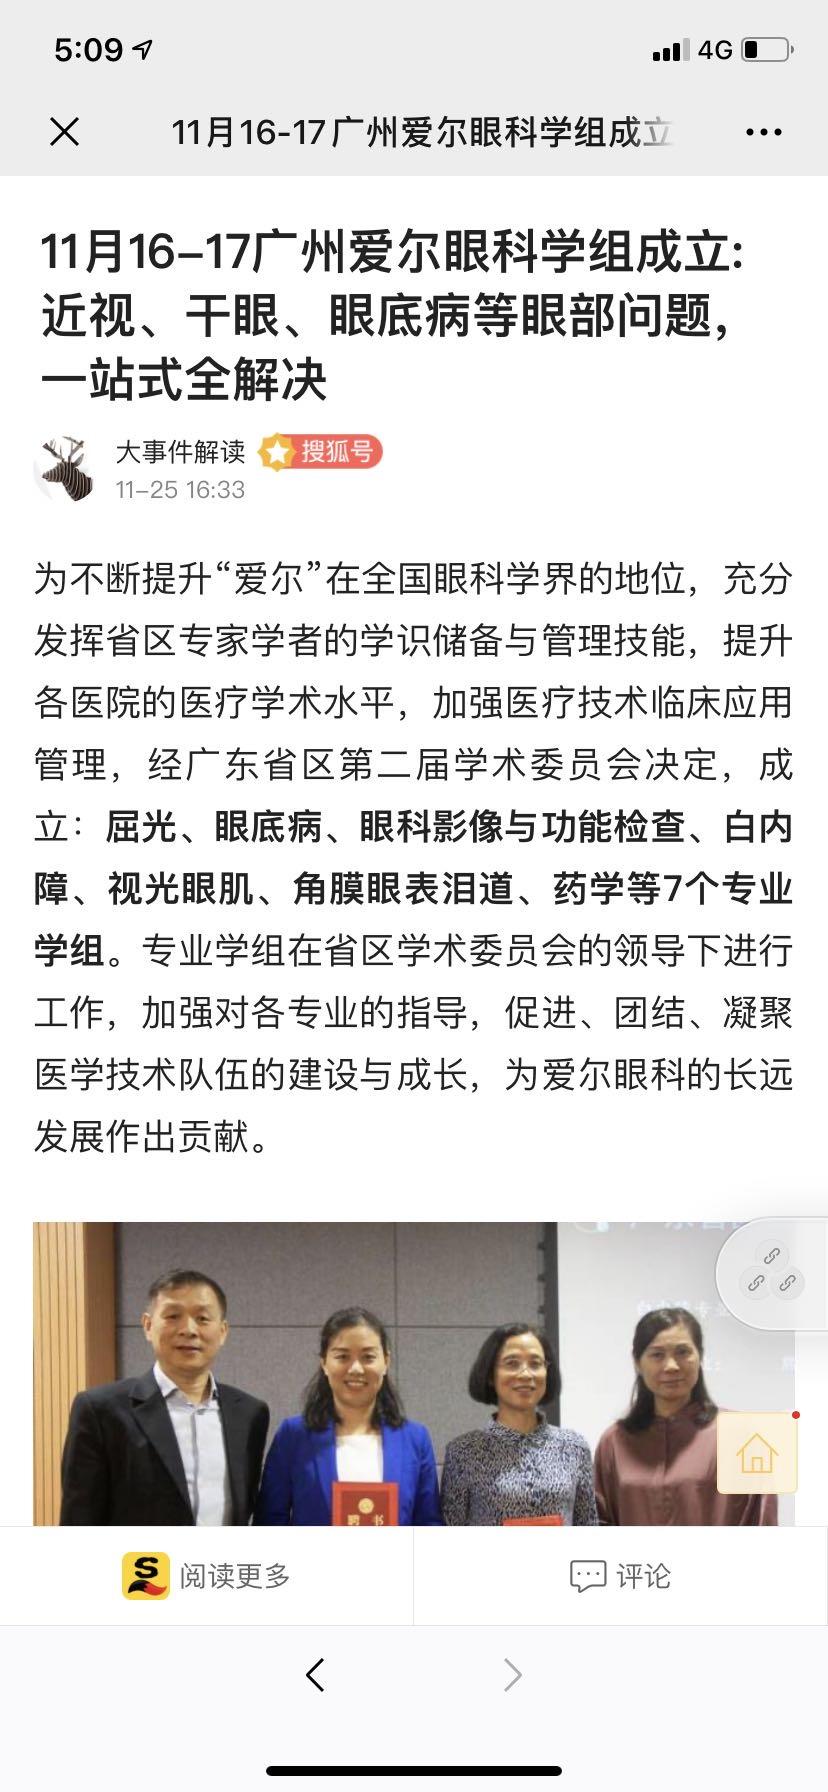 31.搜狐-大事件解读11.25.jpg